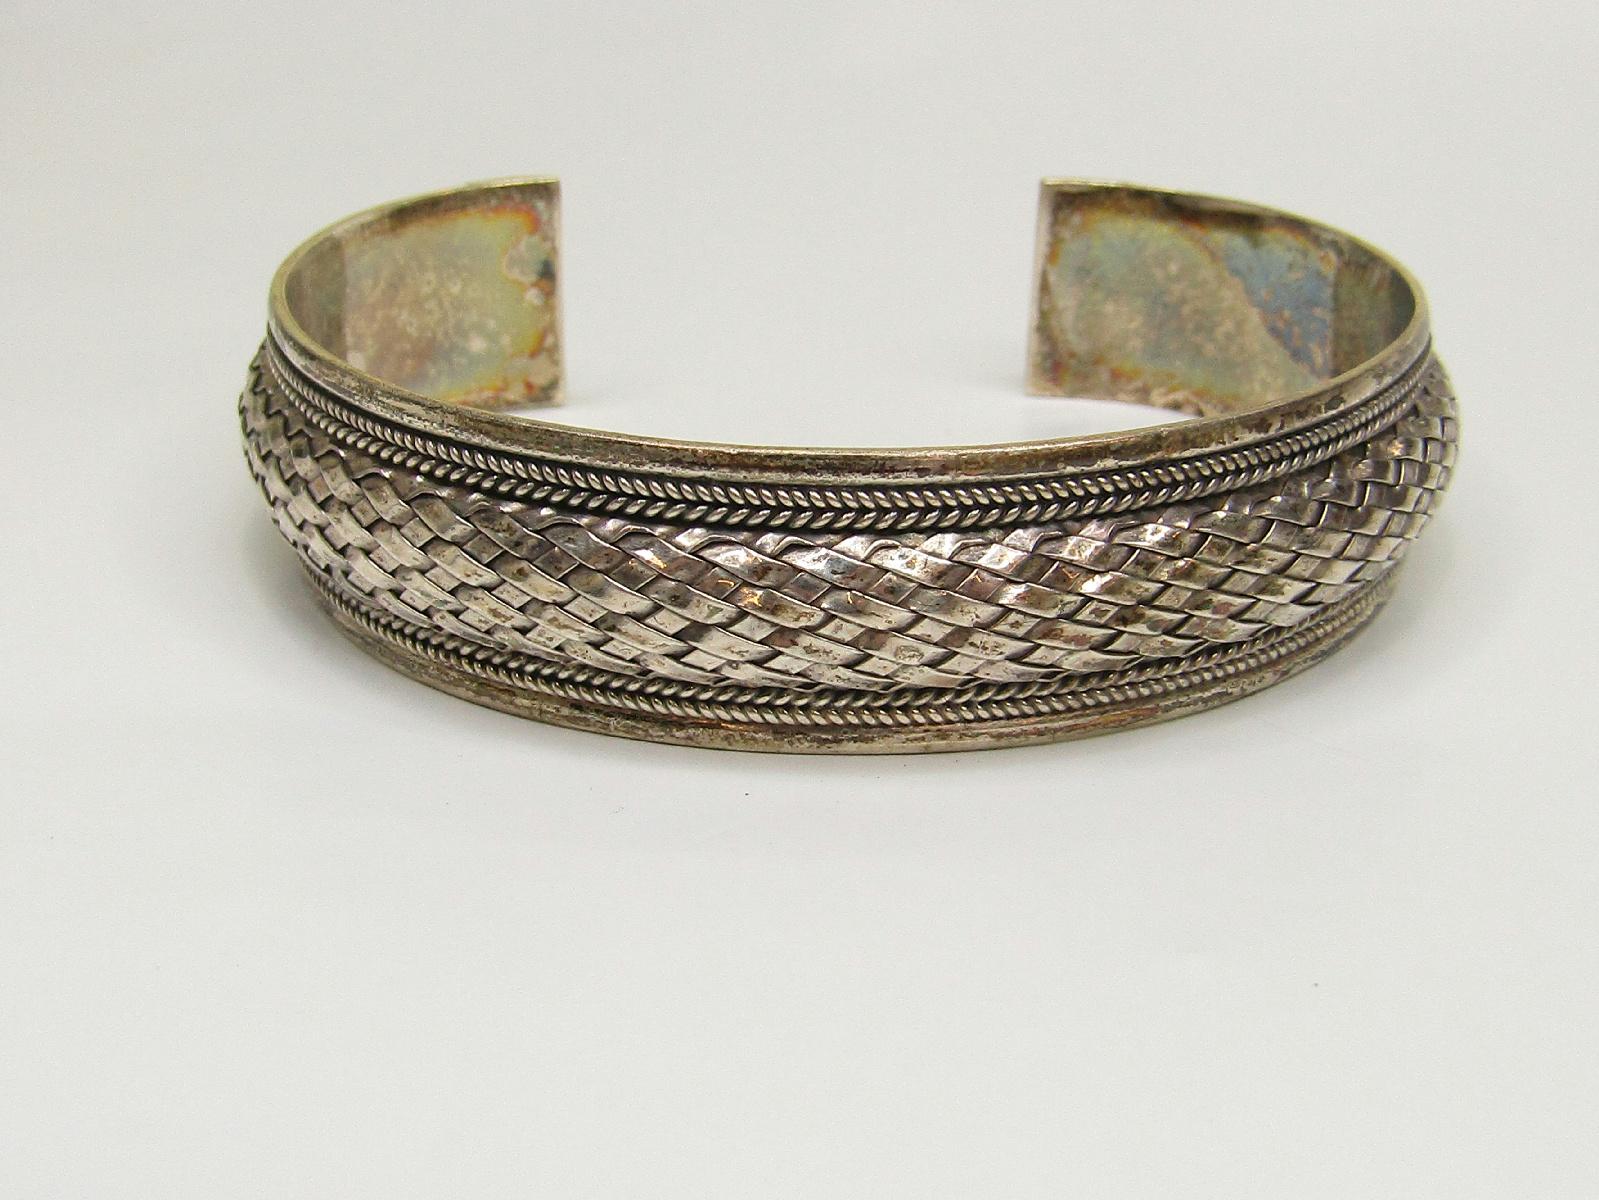 Basket Weaving Jewelry : Fas signed sterling silver jewelry cuff bracelet basket